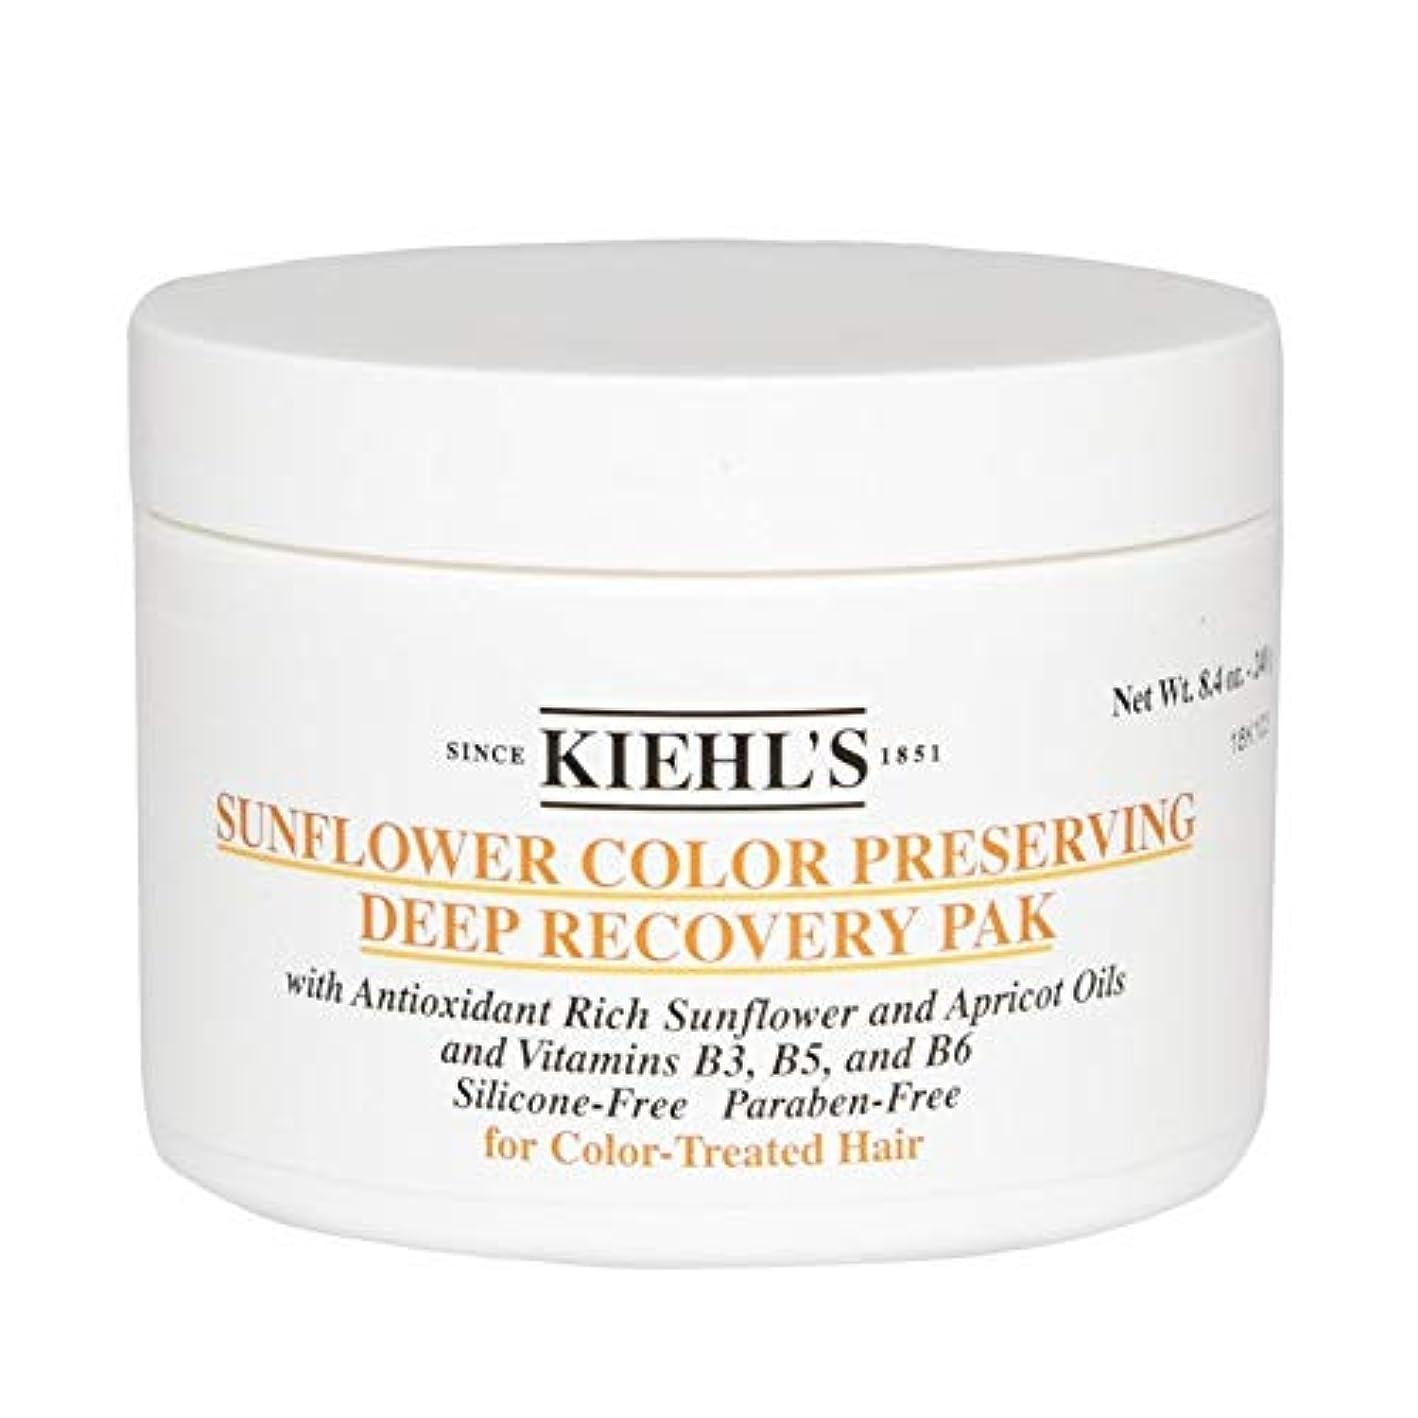 交じる情報高い[Kiehl's ] キールズひまわり色保存深い回復Pak 250グラム - Kiehl's Sunflower Colour Preserving Deep Recovery Pak 250g [並行輸入品]